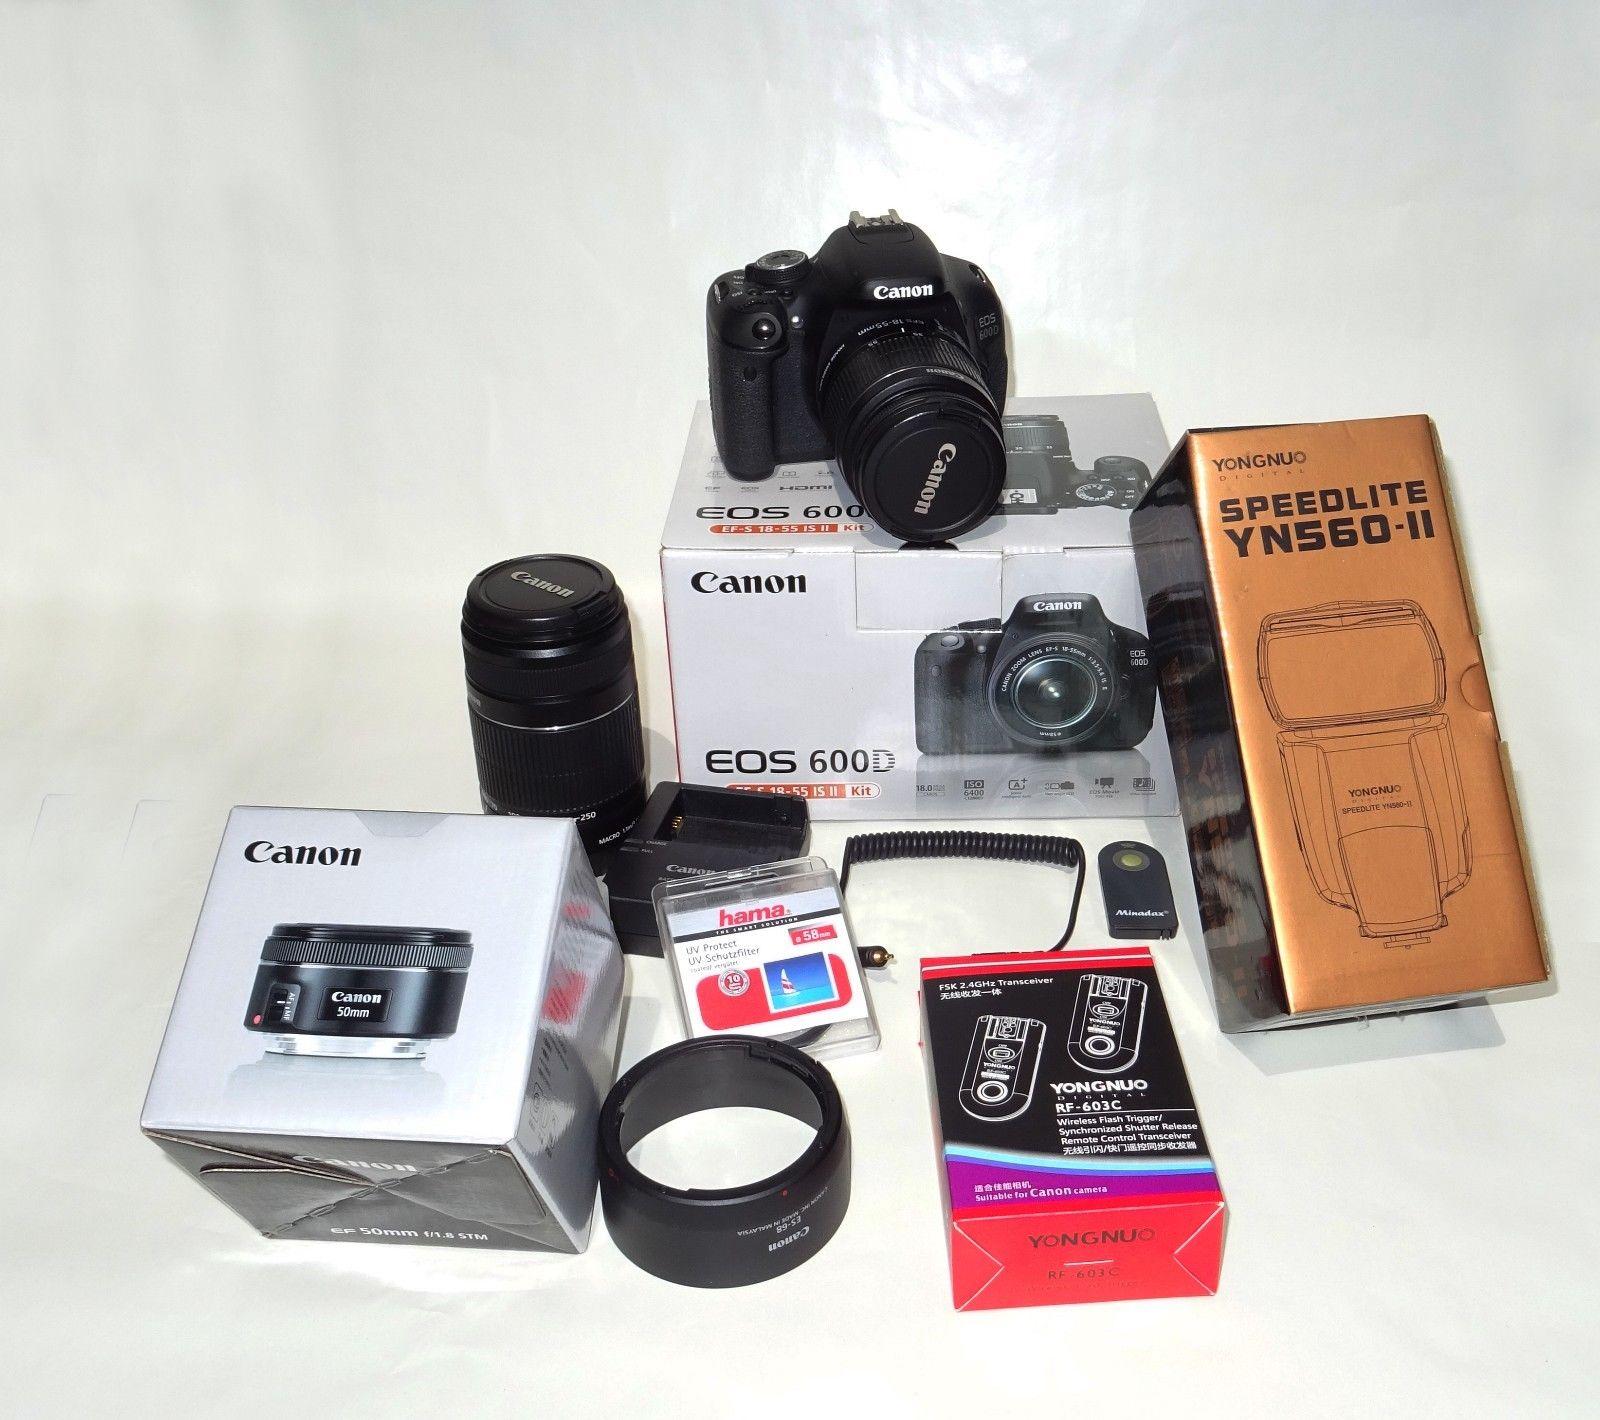 Canon EOS 600D EF-S 18-55 IS II Kit mit 55-250mm, 50mm Festbrenn.